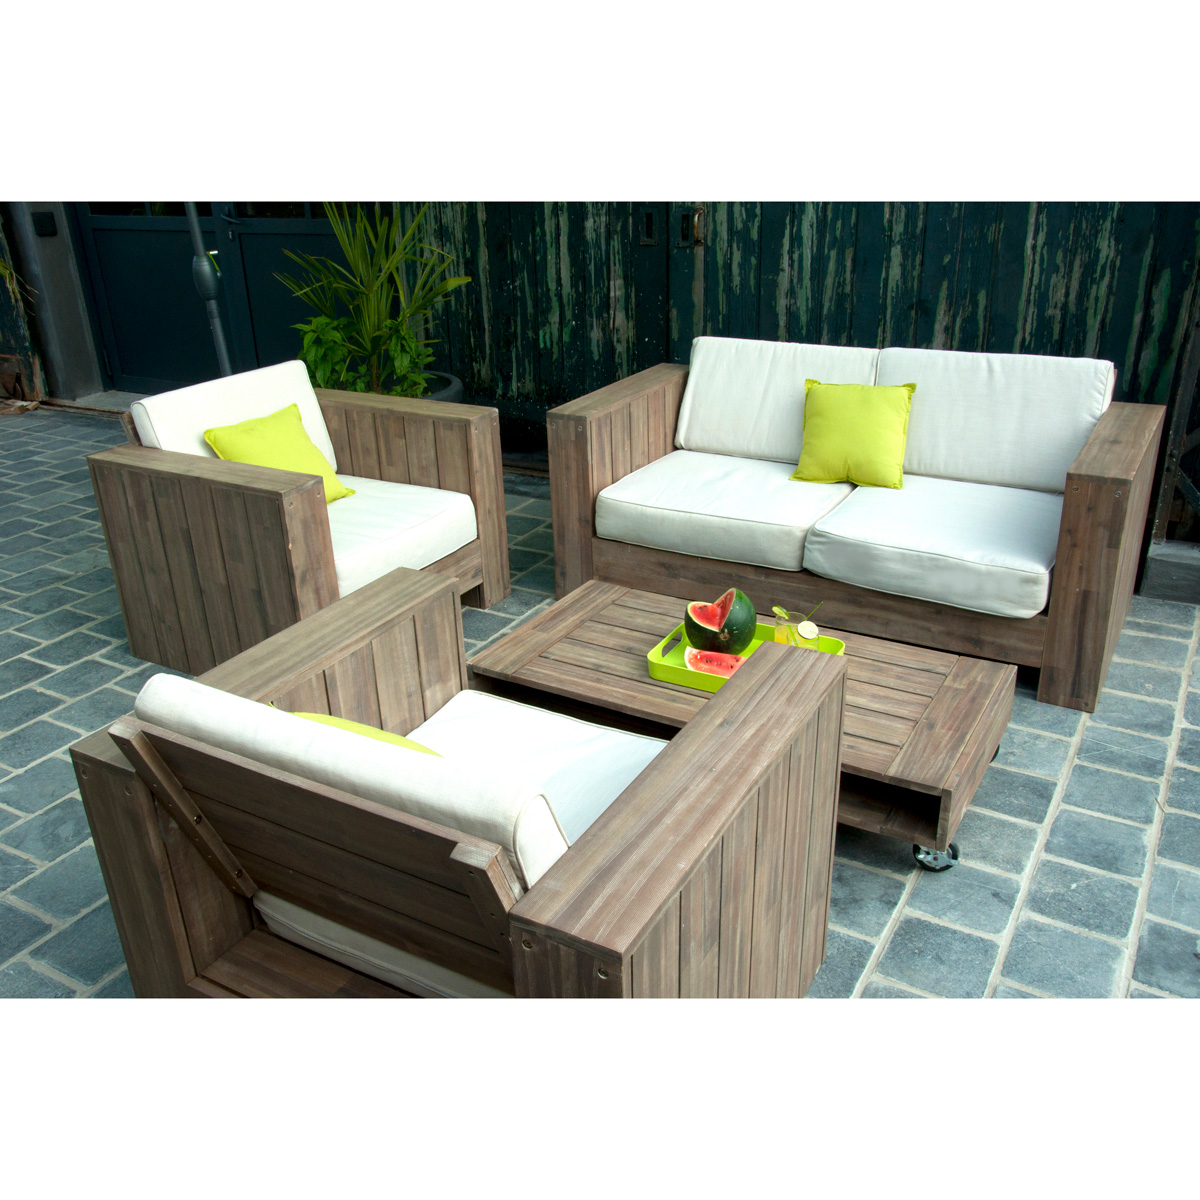 Table de jardin en bois pas cher - maison parallele